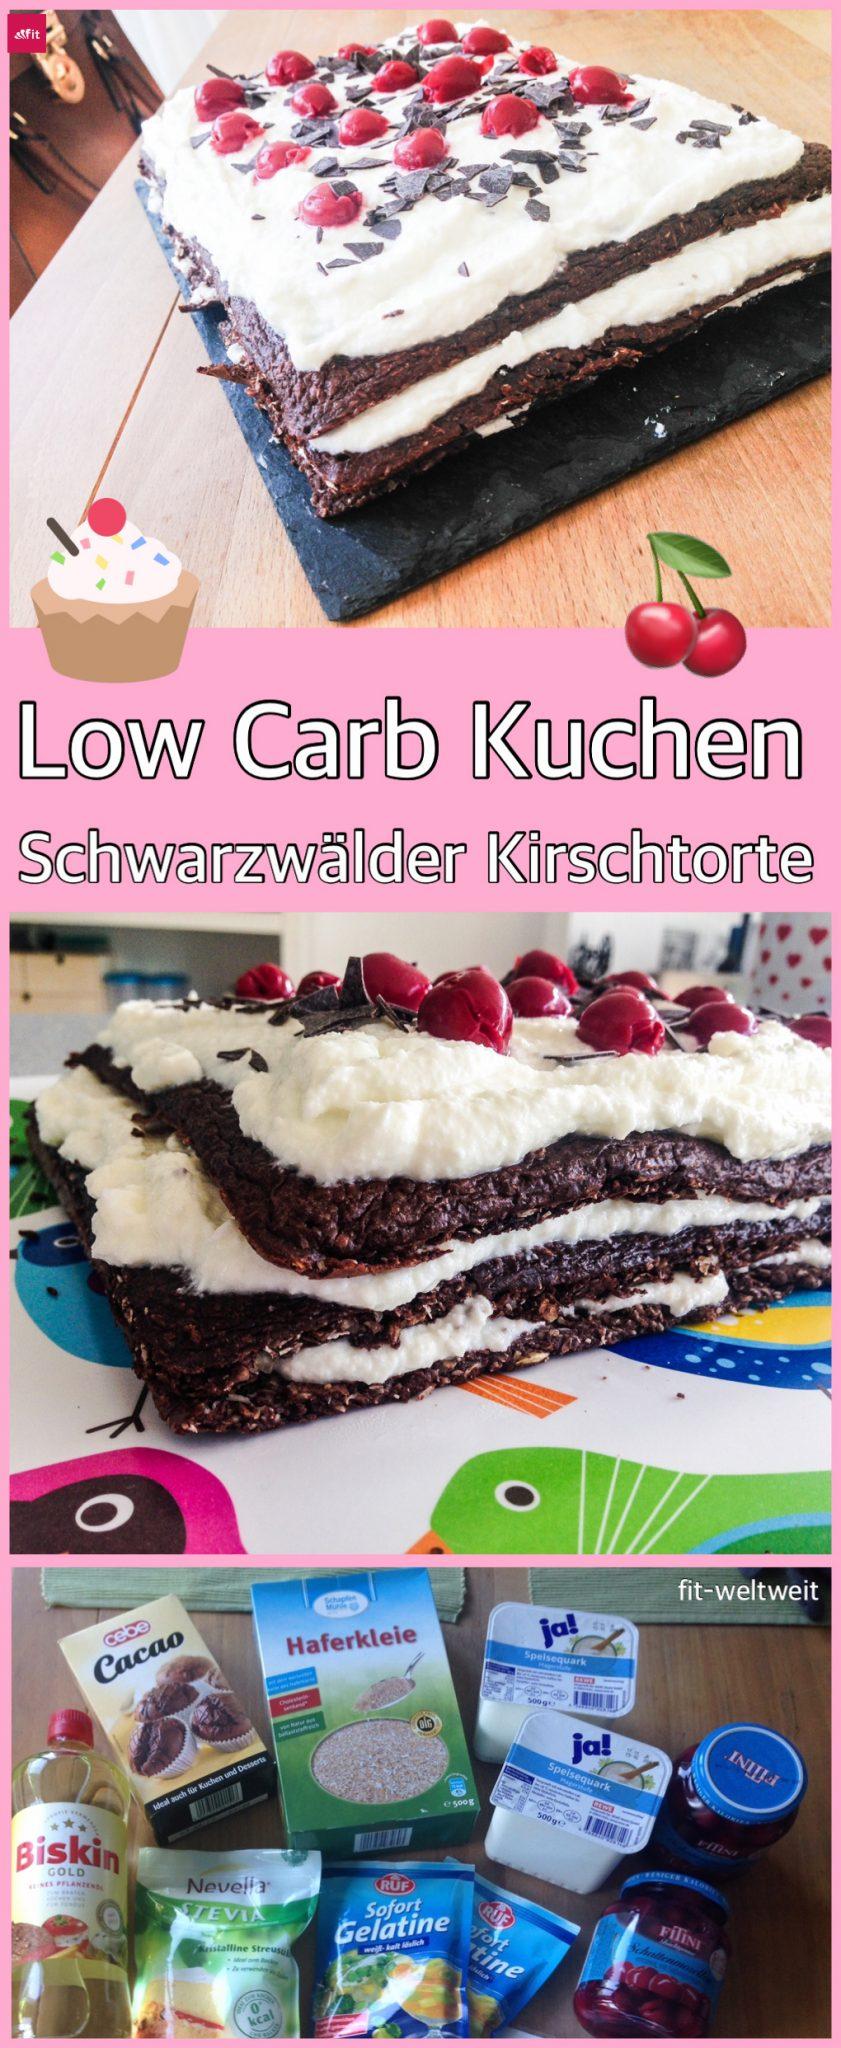 Schwarzwälder Kirschtorte: Lowcarb, Diät- und Stoffwechselkur geeignet - Rezept Low Carb Schwarzwälder Kirschtorte (Protein Lieferant und perfekt für Diäten) Sie istfettarm,kalorienarmund zuckerfrei. Für Kuchen oder Muffins